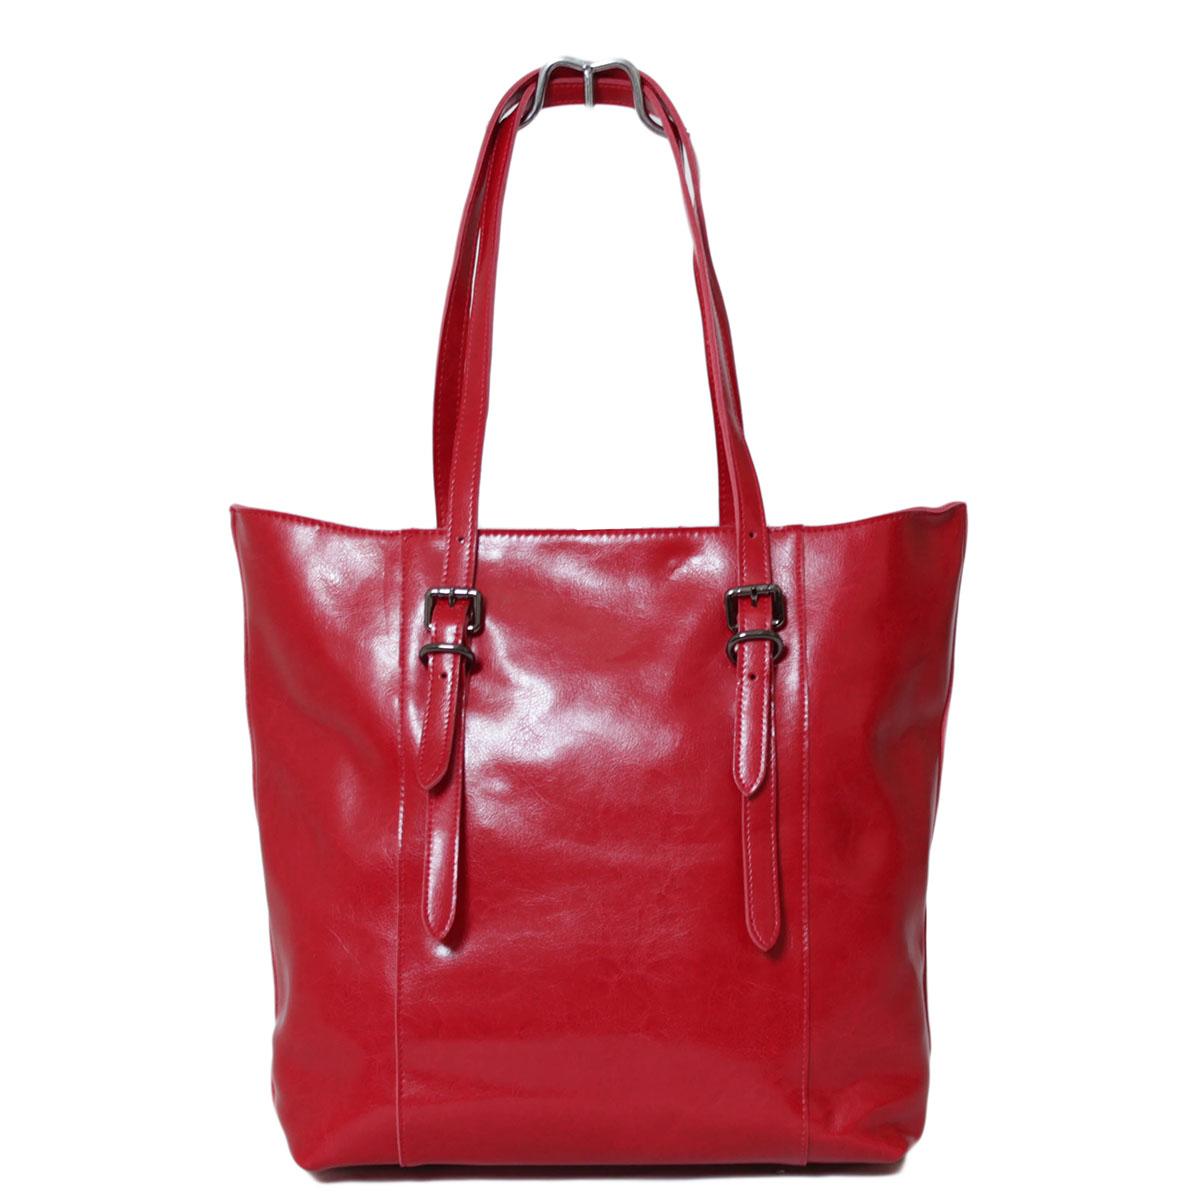 Сумка женская Flioraj, цвет: красный. 0005221300052213Закрывается на молнию. Внутри два отделения, два кармана на молнии, два открытых кармана. Высота ручек - 26 см.